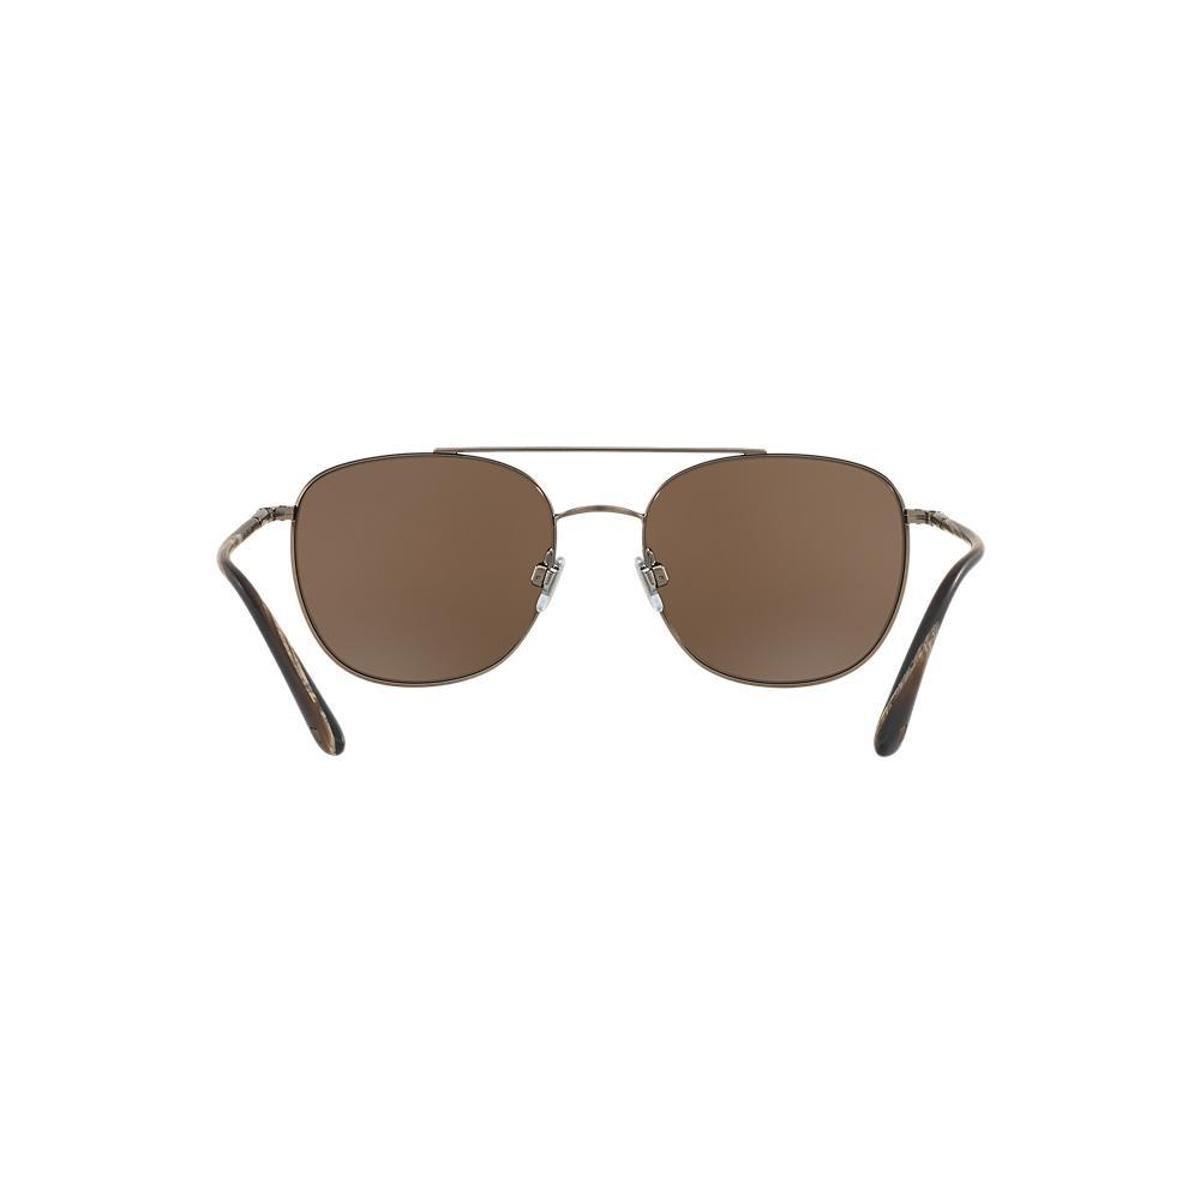 d9f7b05de7e29 Óculos de Sol Giorgio Armani Quadrado AR6042 Masculino - Marrom ...